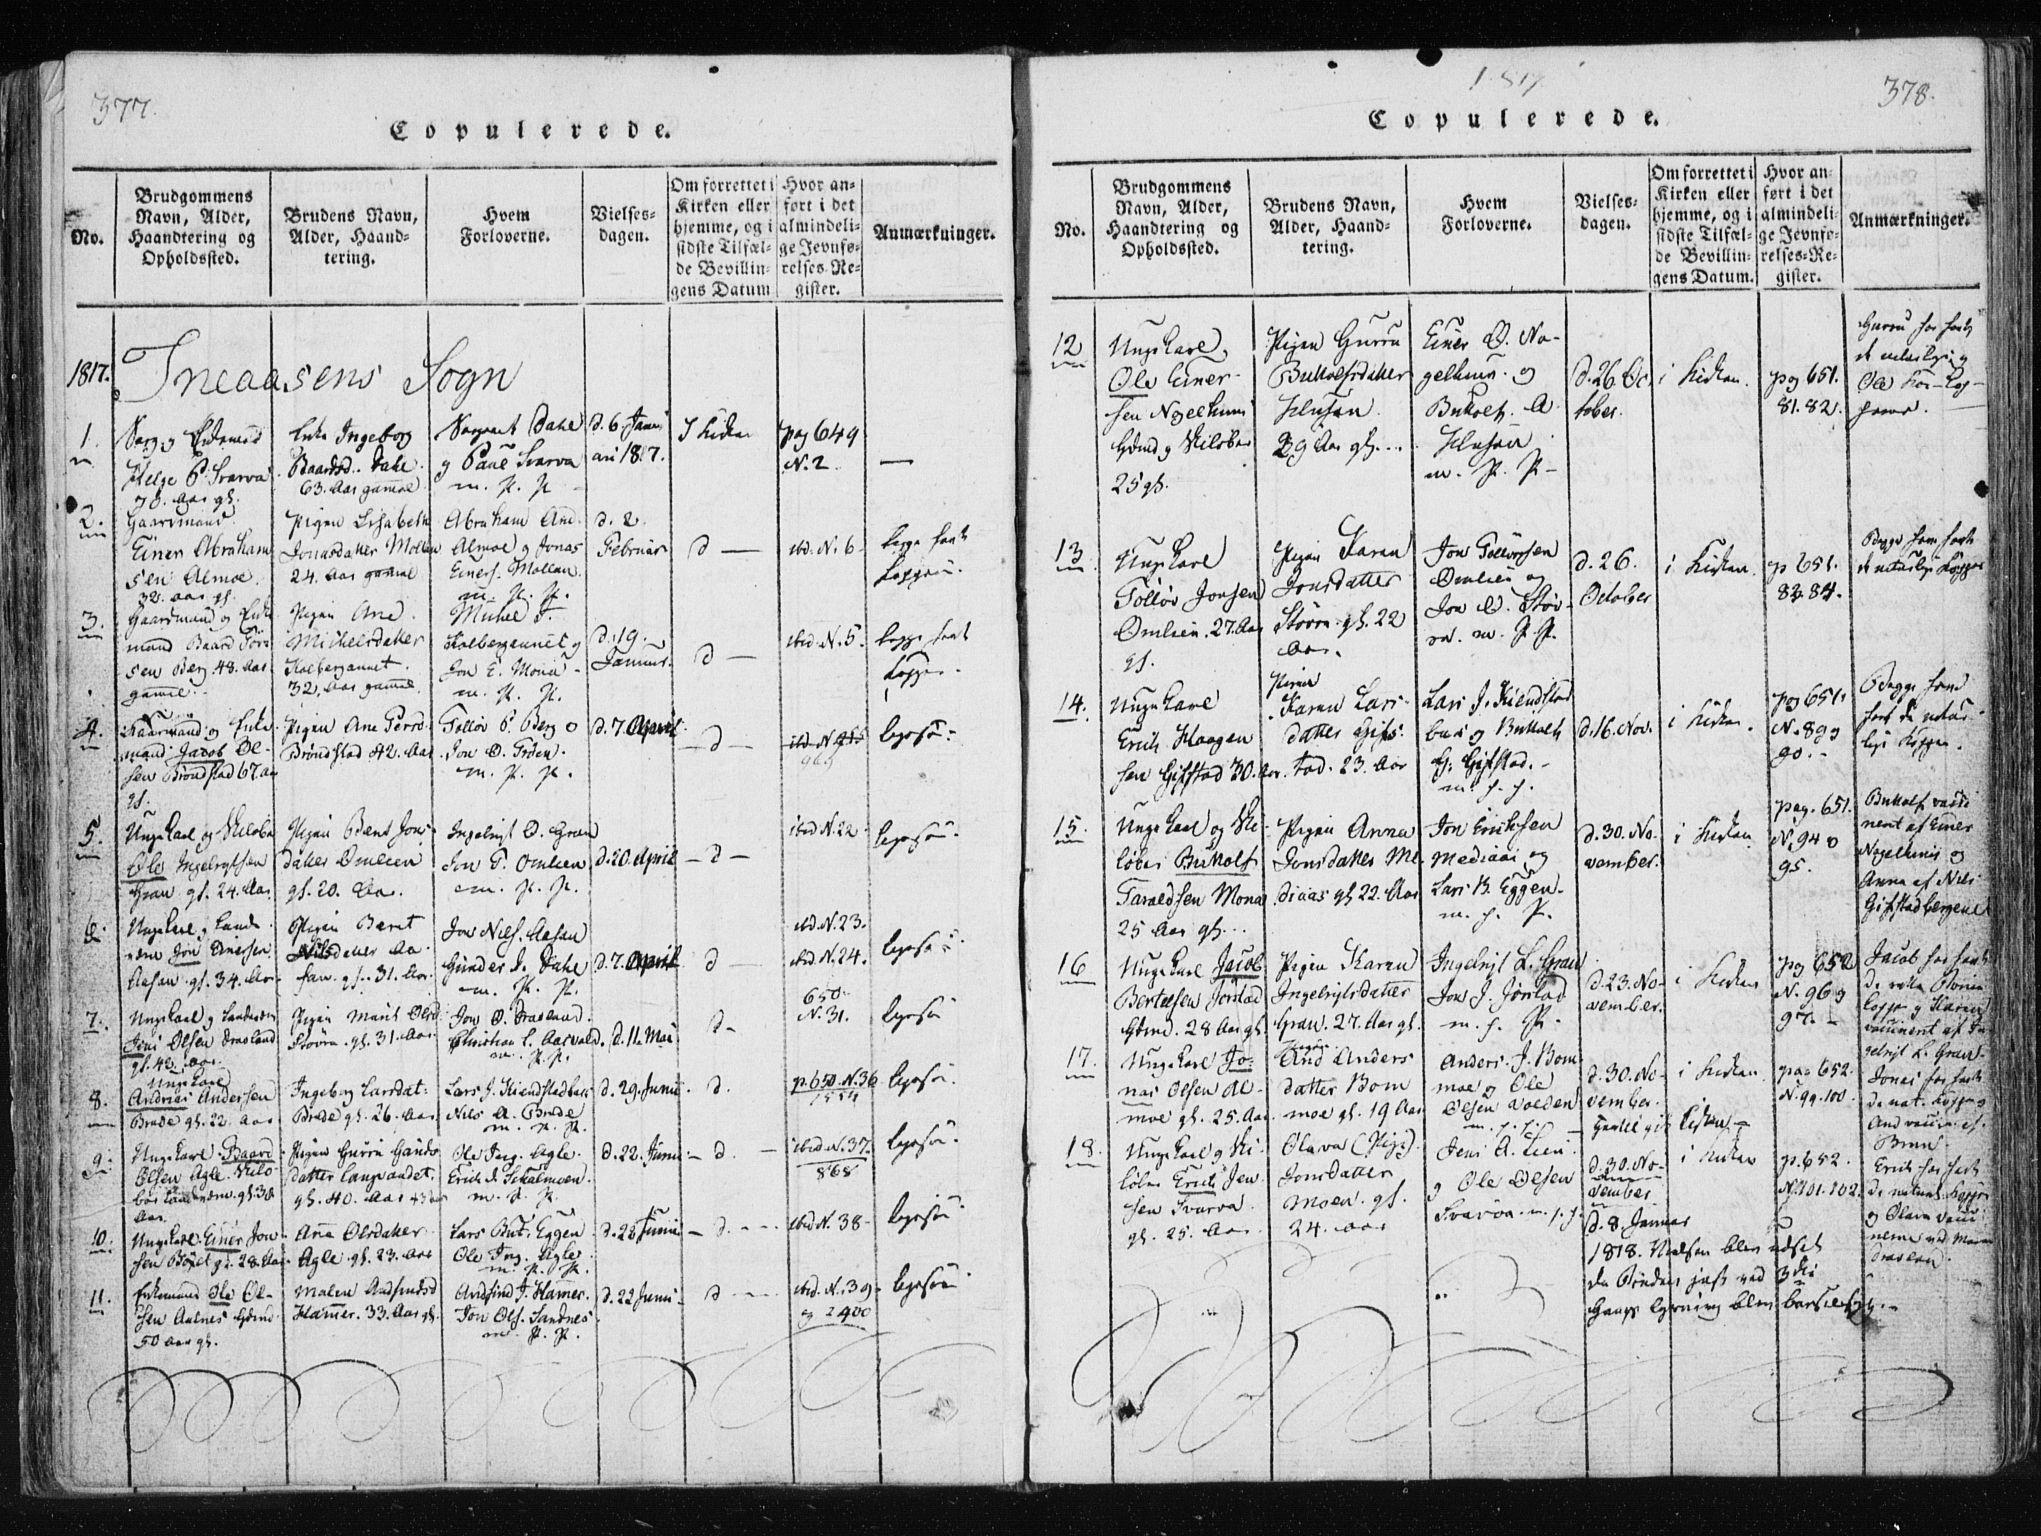 SAT, Ministerialprotokoller, klokkerbøker og fødselsregistre - Nord-Trøndelag, 749/L0469: Ministerialbok nr. 749A03, 1817-1857, s. 377-378